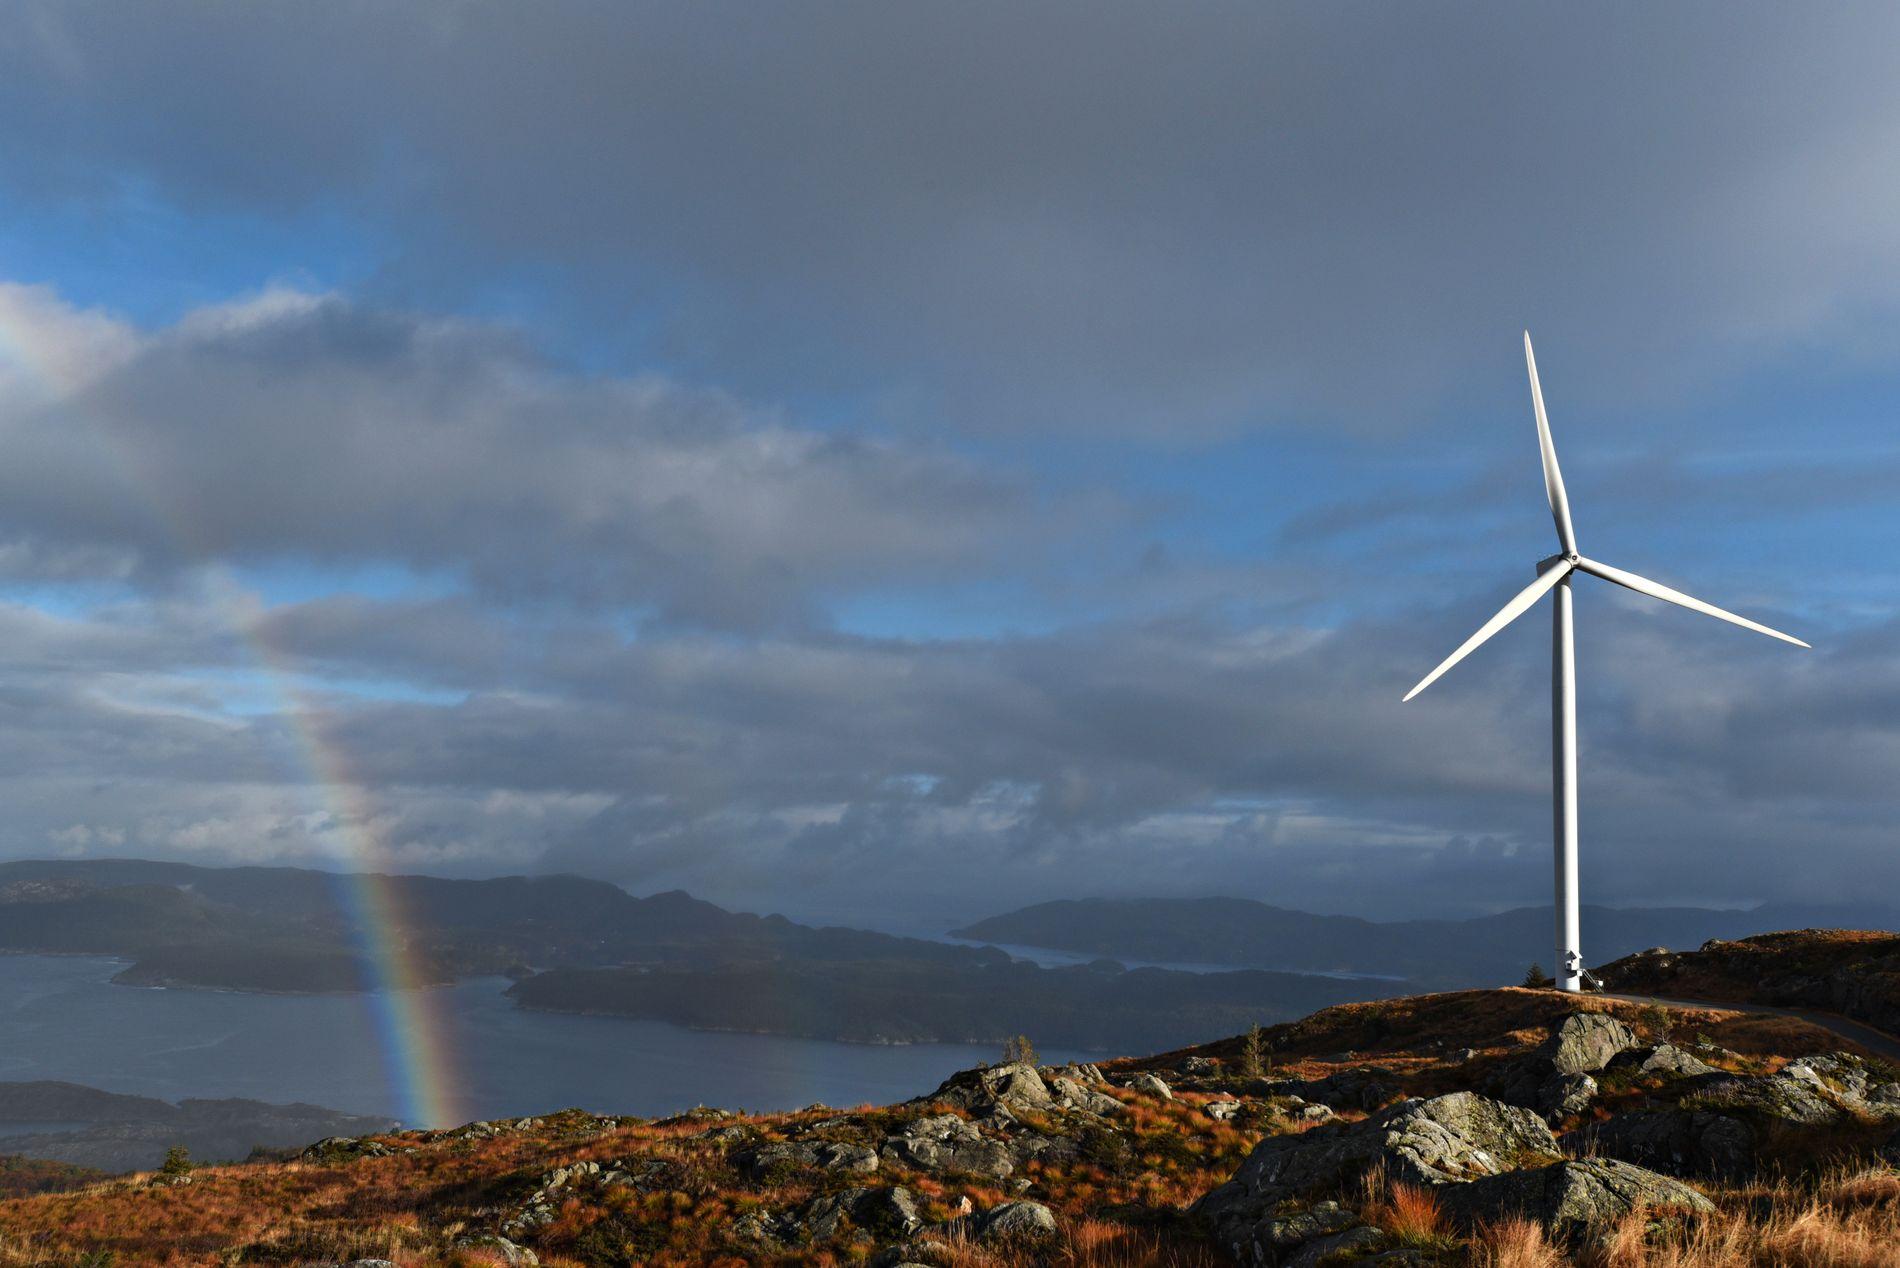 DÅRLIG UTSIKT: Å si nei til vindkraft betyr ikke at en redder naturen. Uten lavere utslipp, vil naturen lide. På de frie fjellviddene vil en kanskje ikke se ut over Norges tak, men inn i krattskog, skriver innsender.